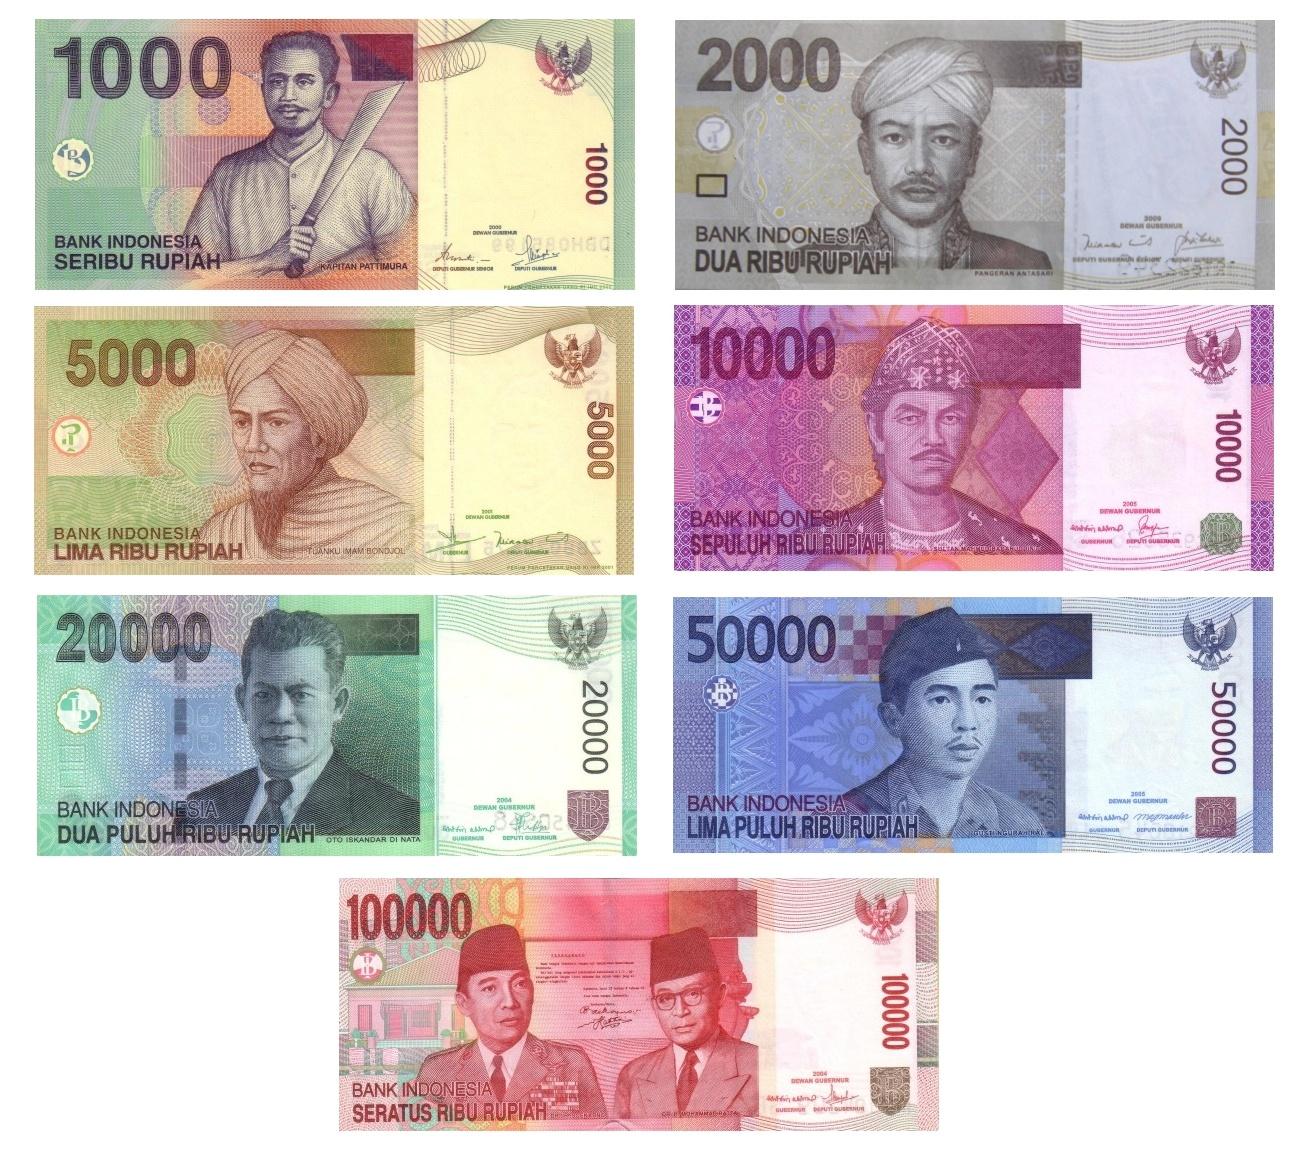 daftar sbobet bahasa indonesia